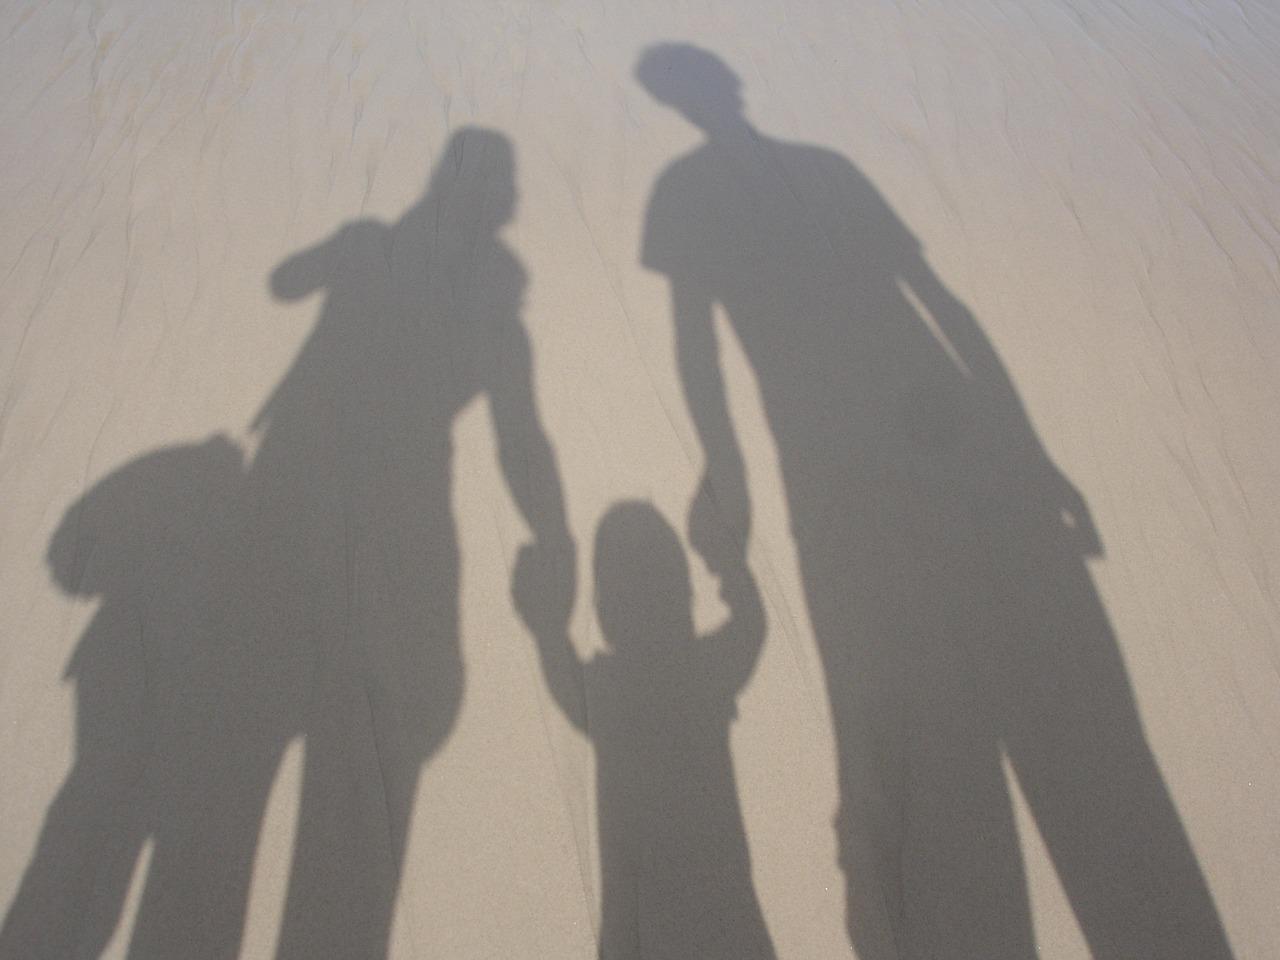 family-492891_1280.jpg